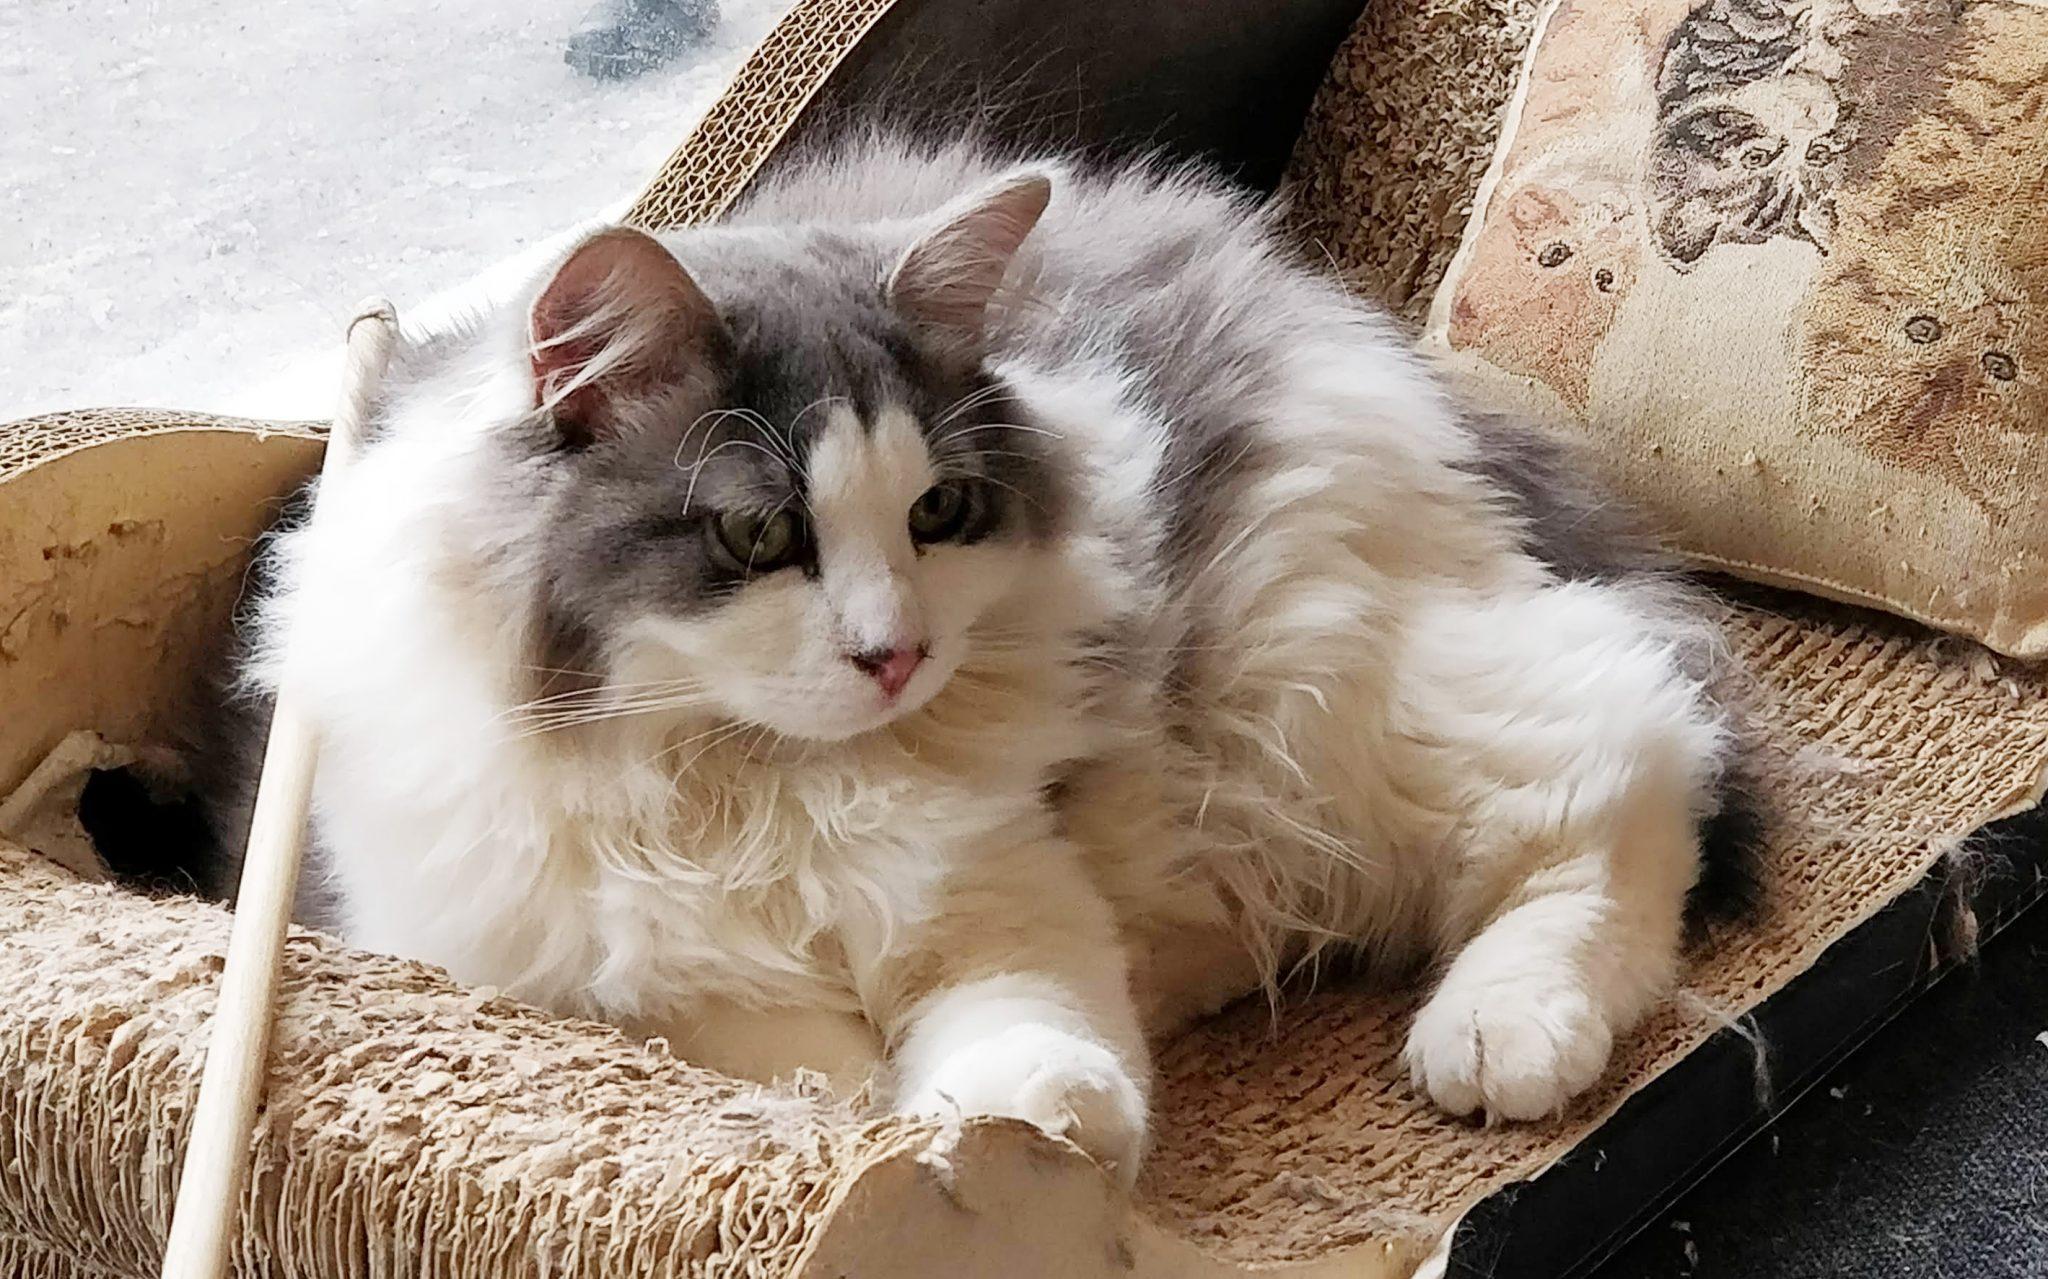 kissakahvila nurrin kissa